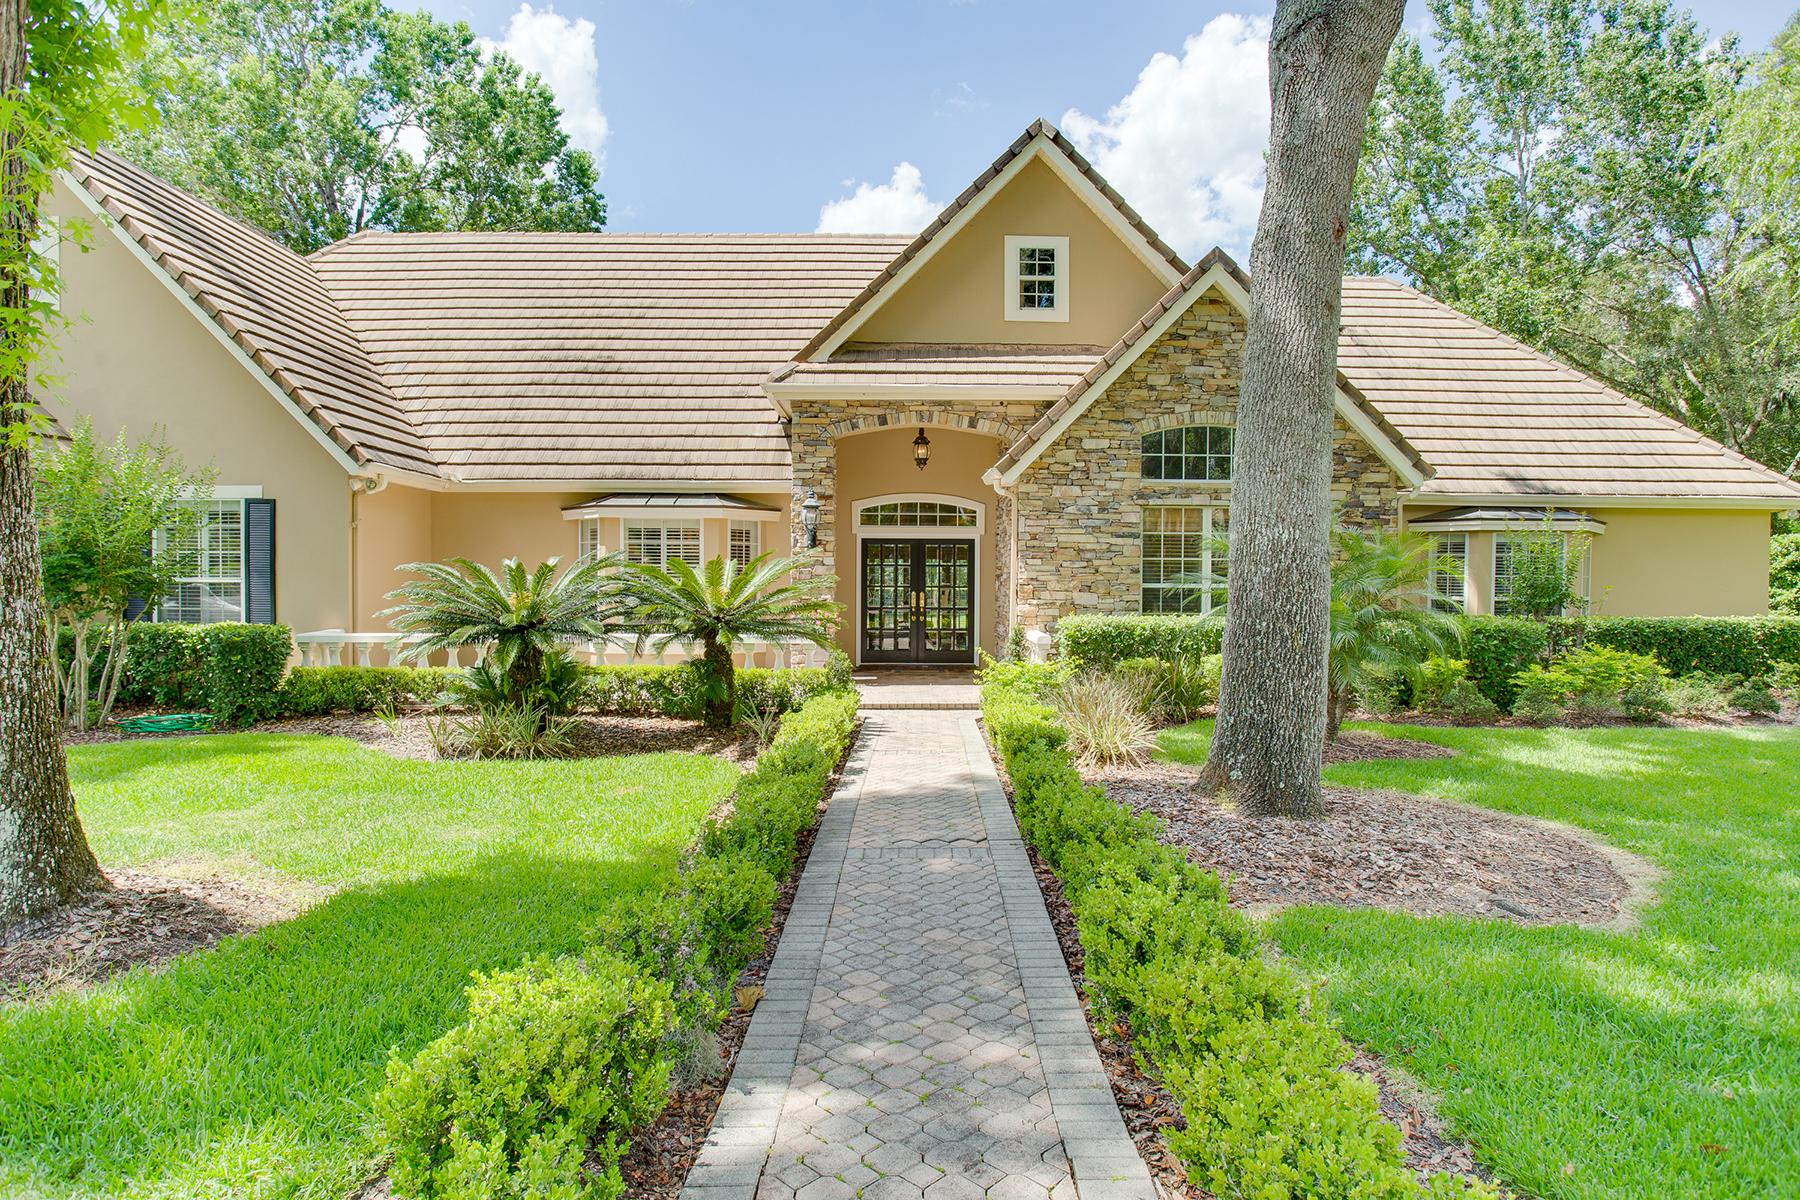 一戸建て のために 売買 アット ORLANDO - LONGWOOD 2748 Deer Berry Ct Longwood, フロリダ, 32779 アメリカ合衆国